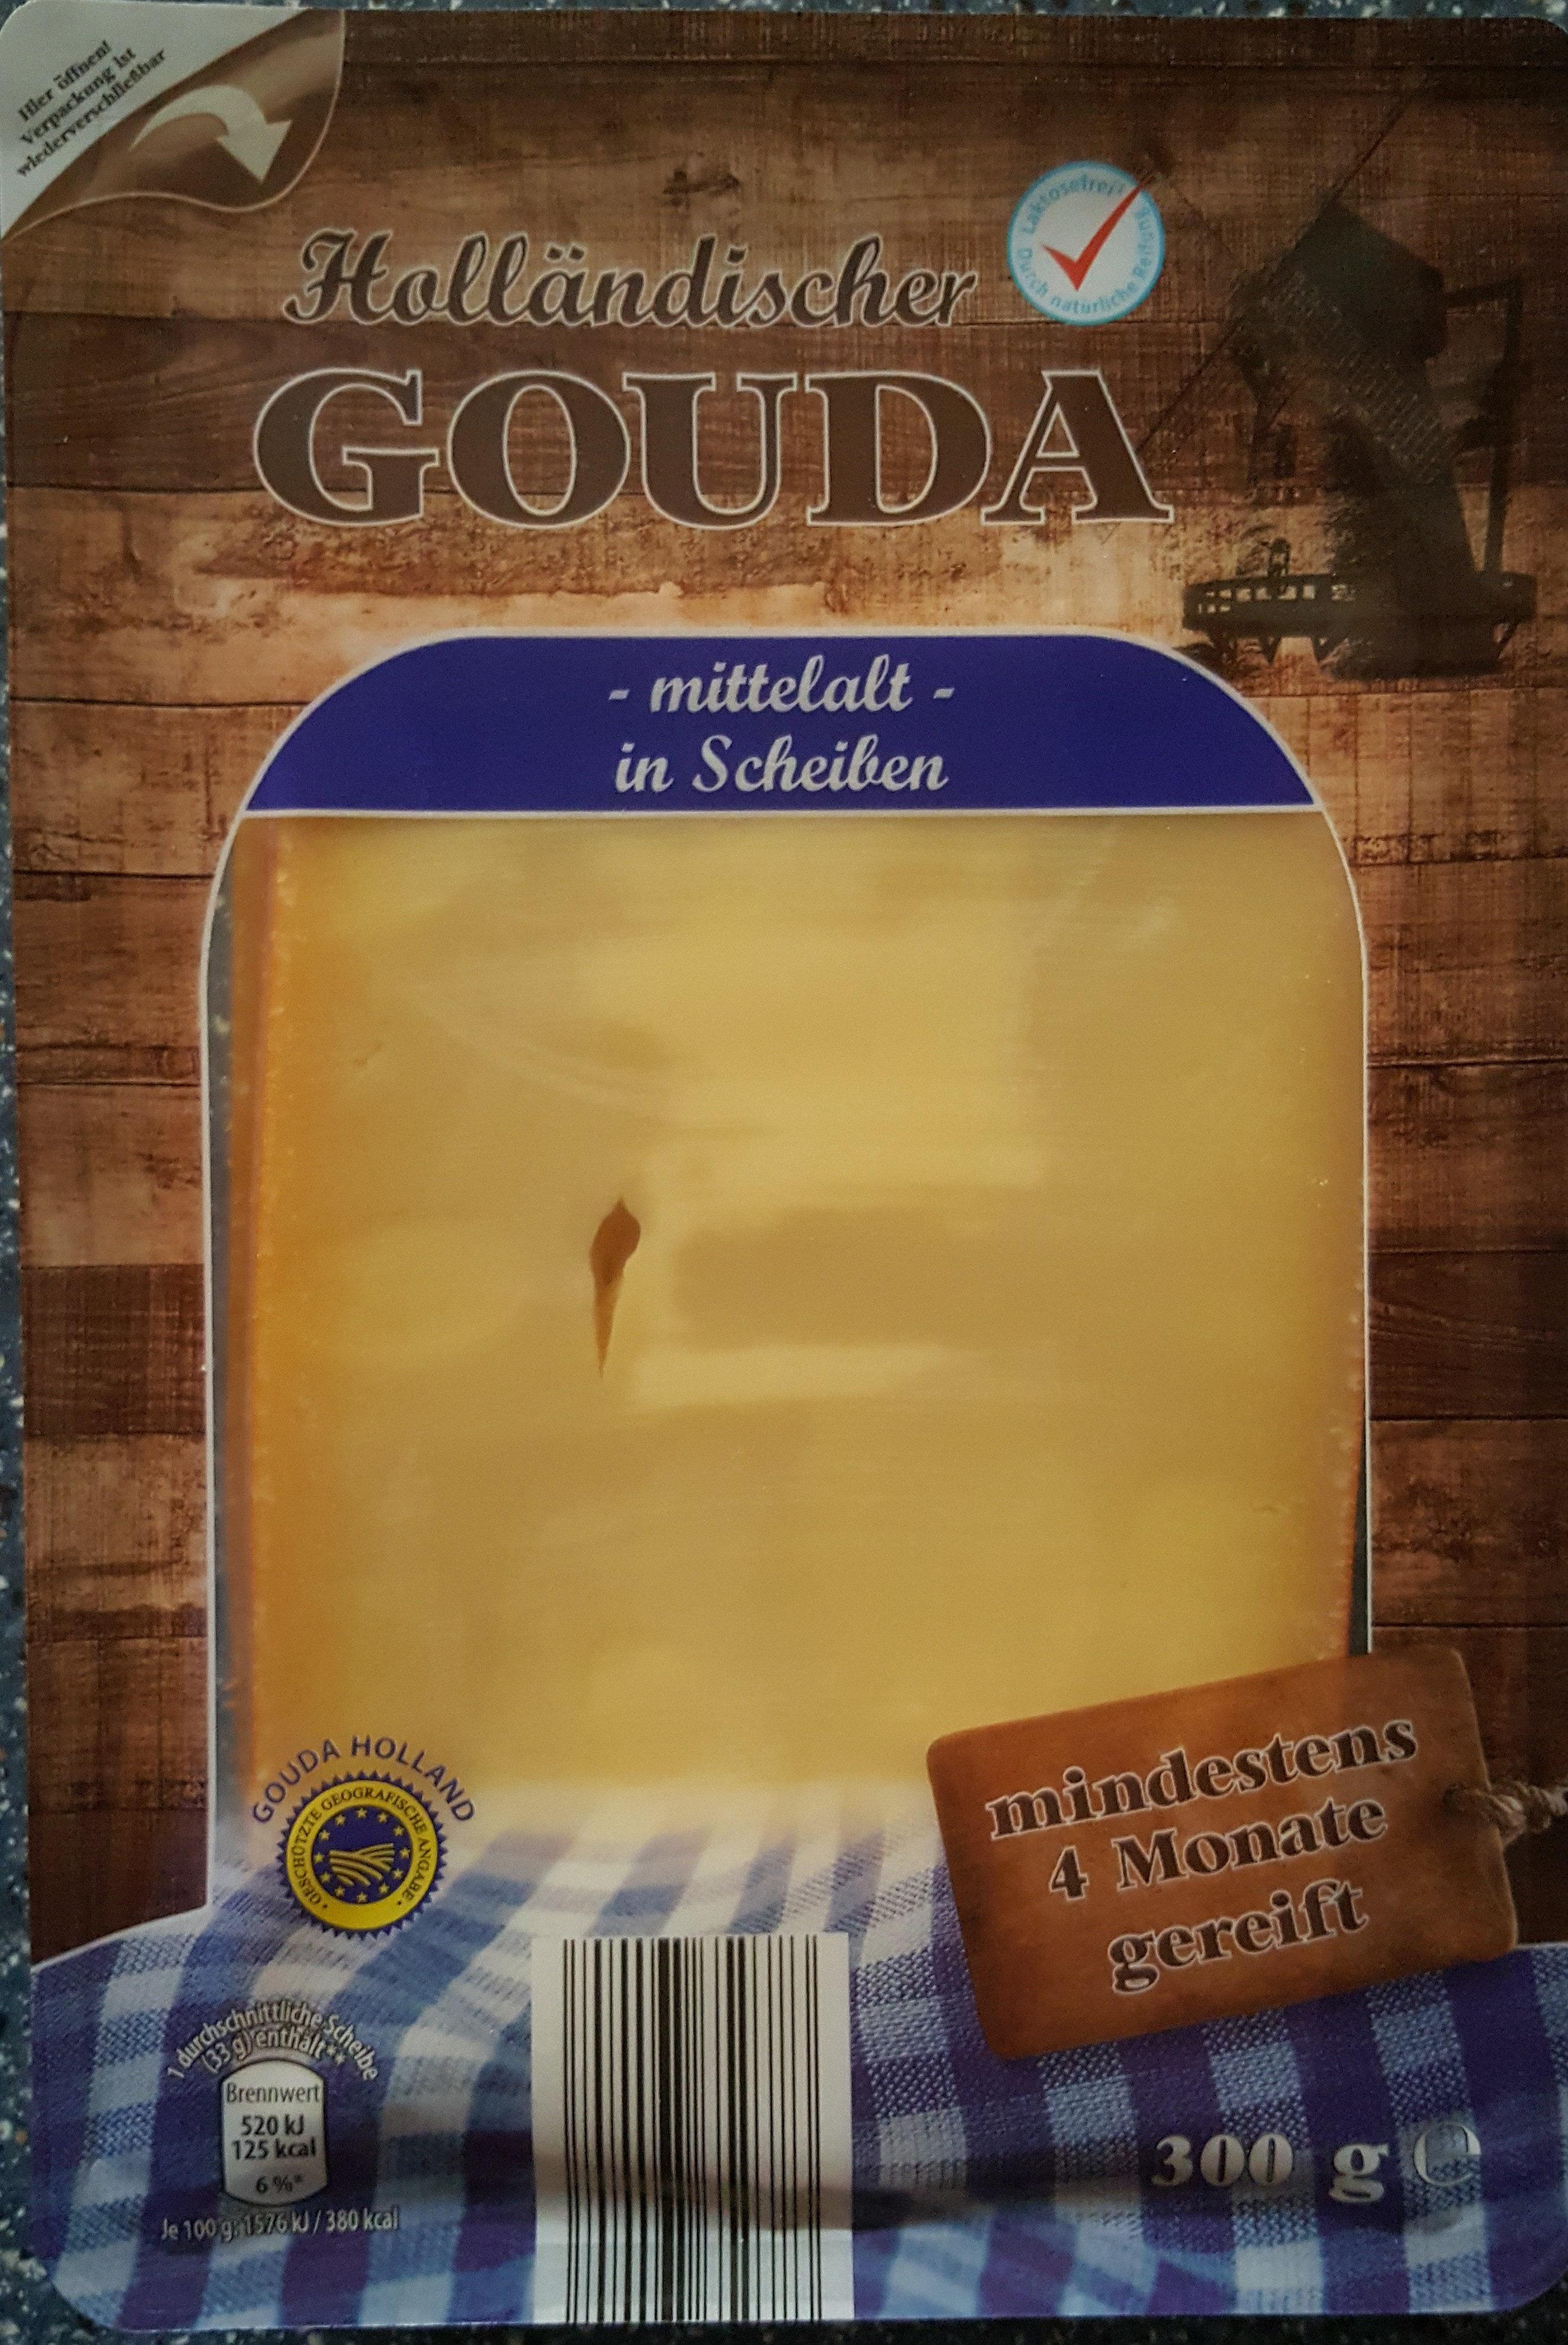 Holländischer Gouda - mittelalt - in Scheiben - Produkt - de